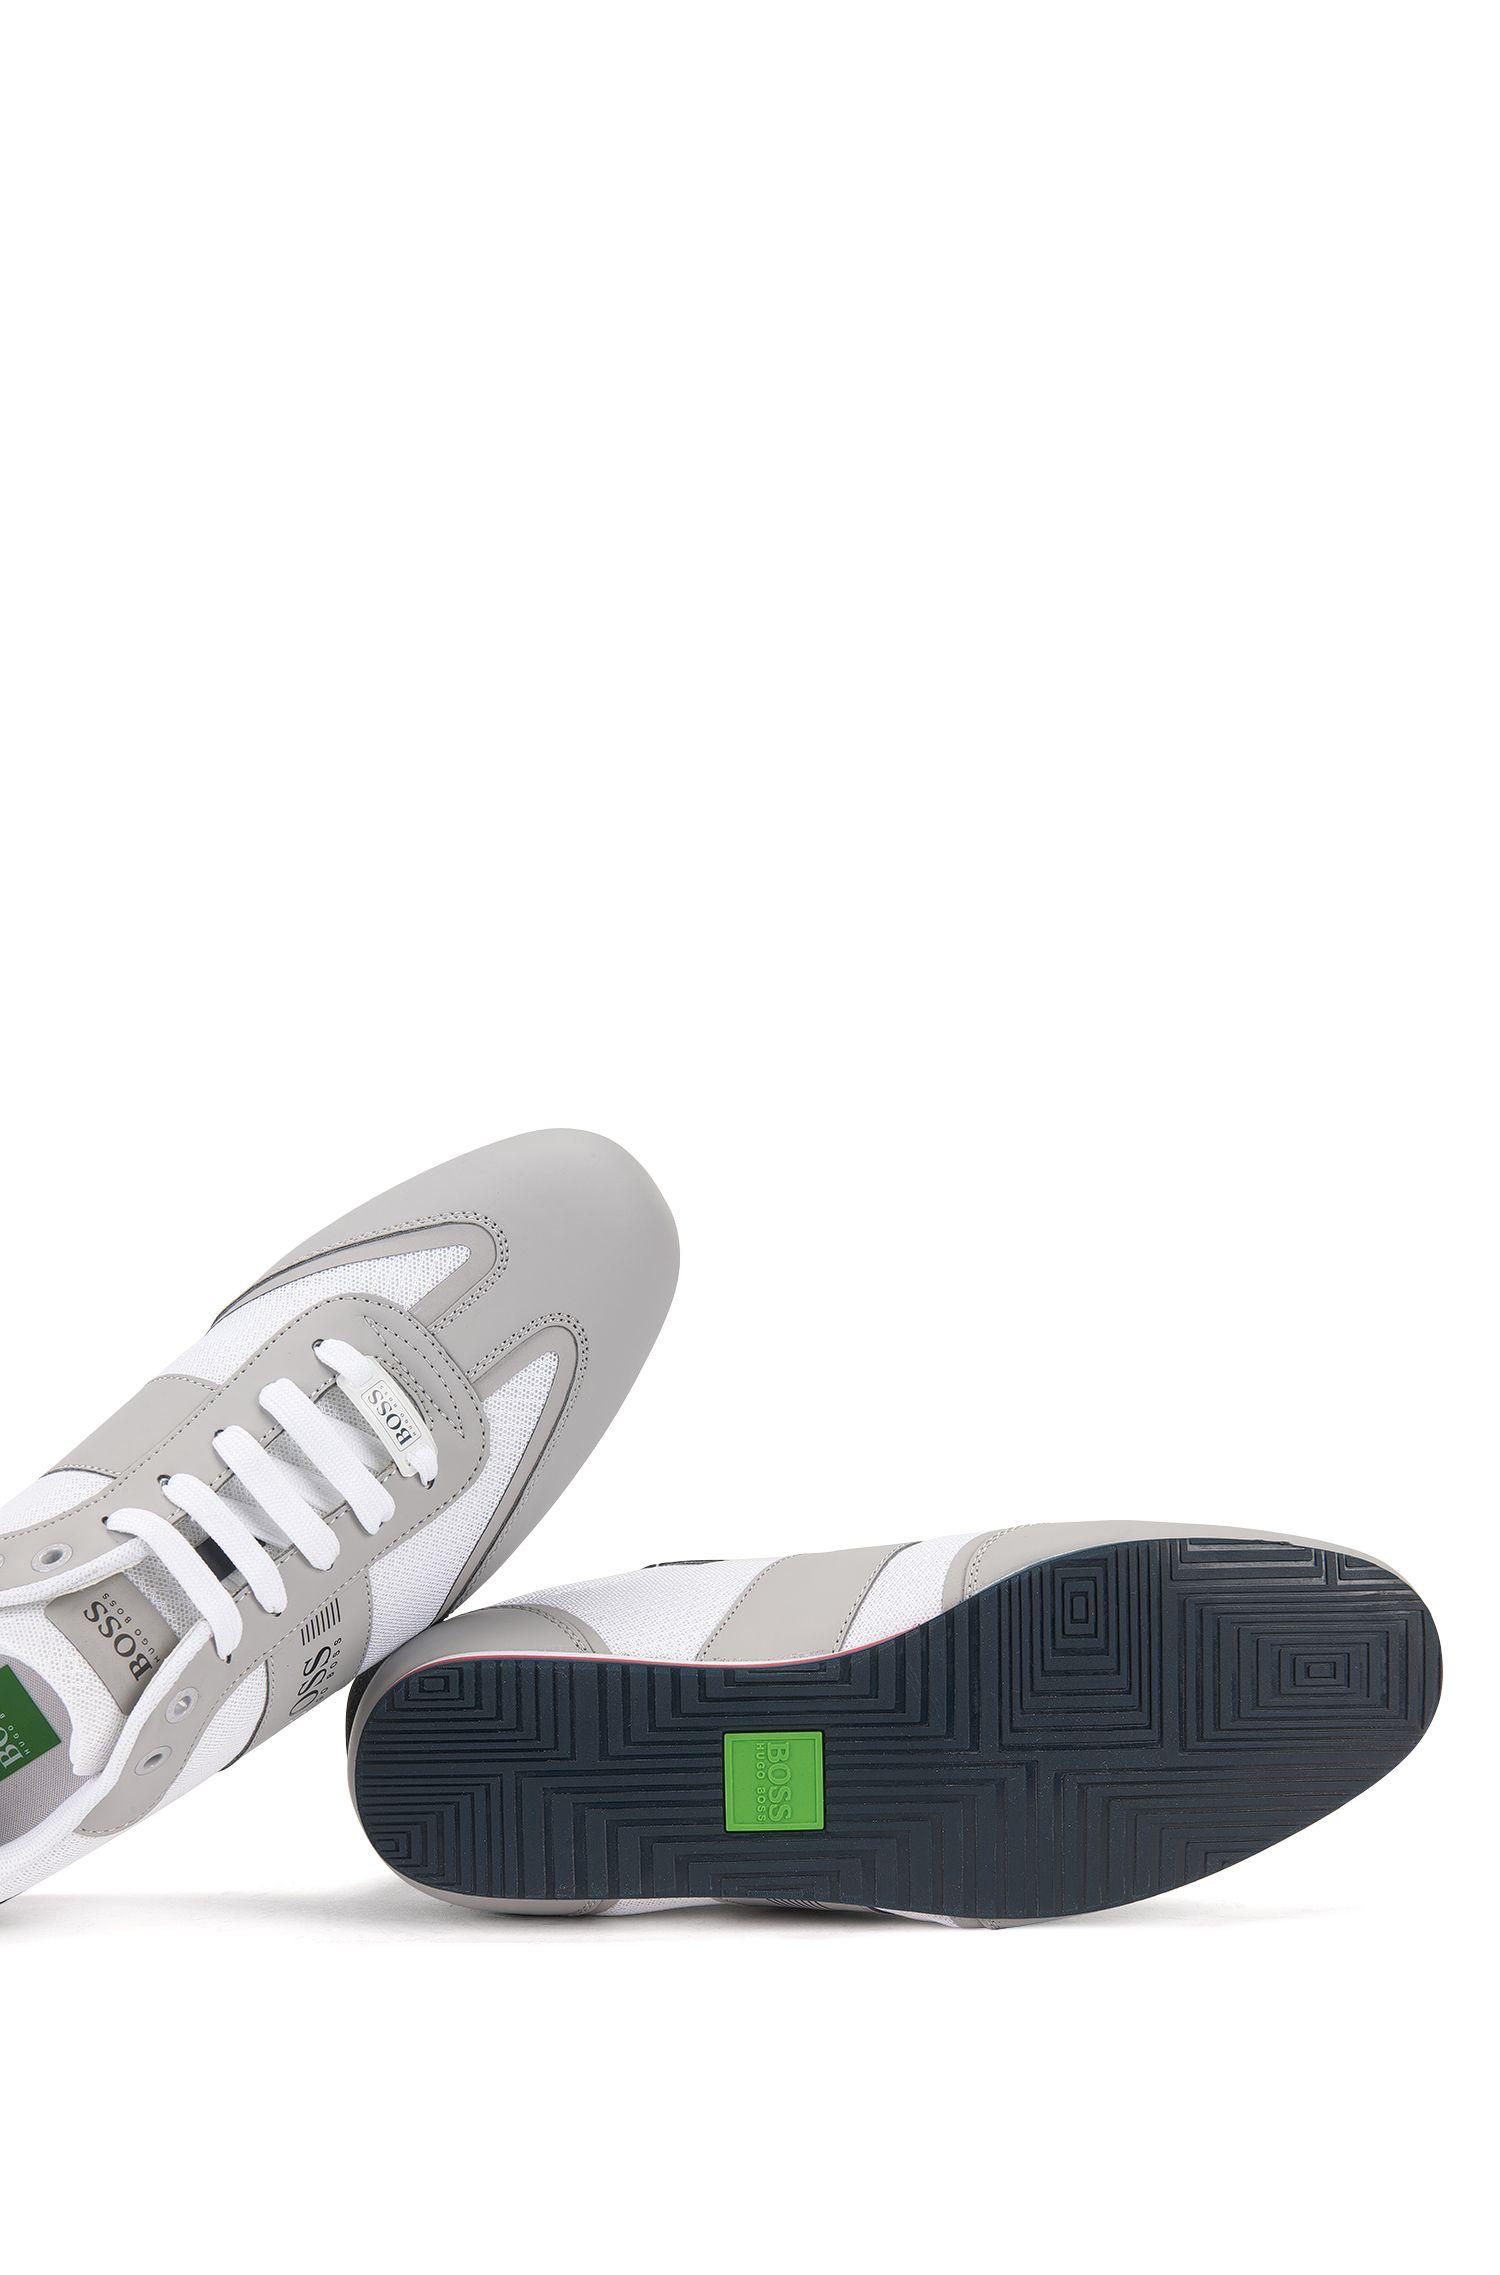 Mesh Sneaker | Lighter Lowp Mxme, White